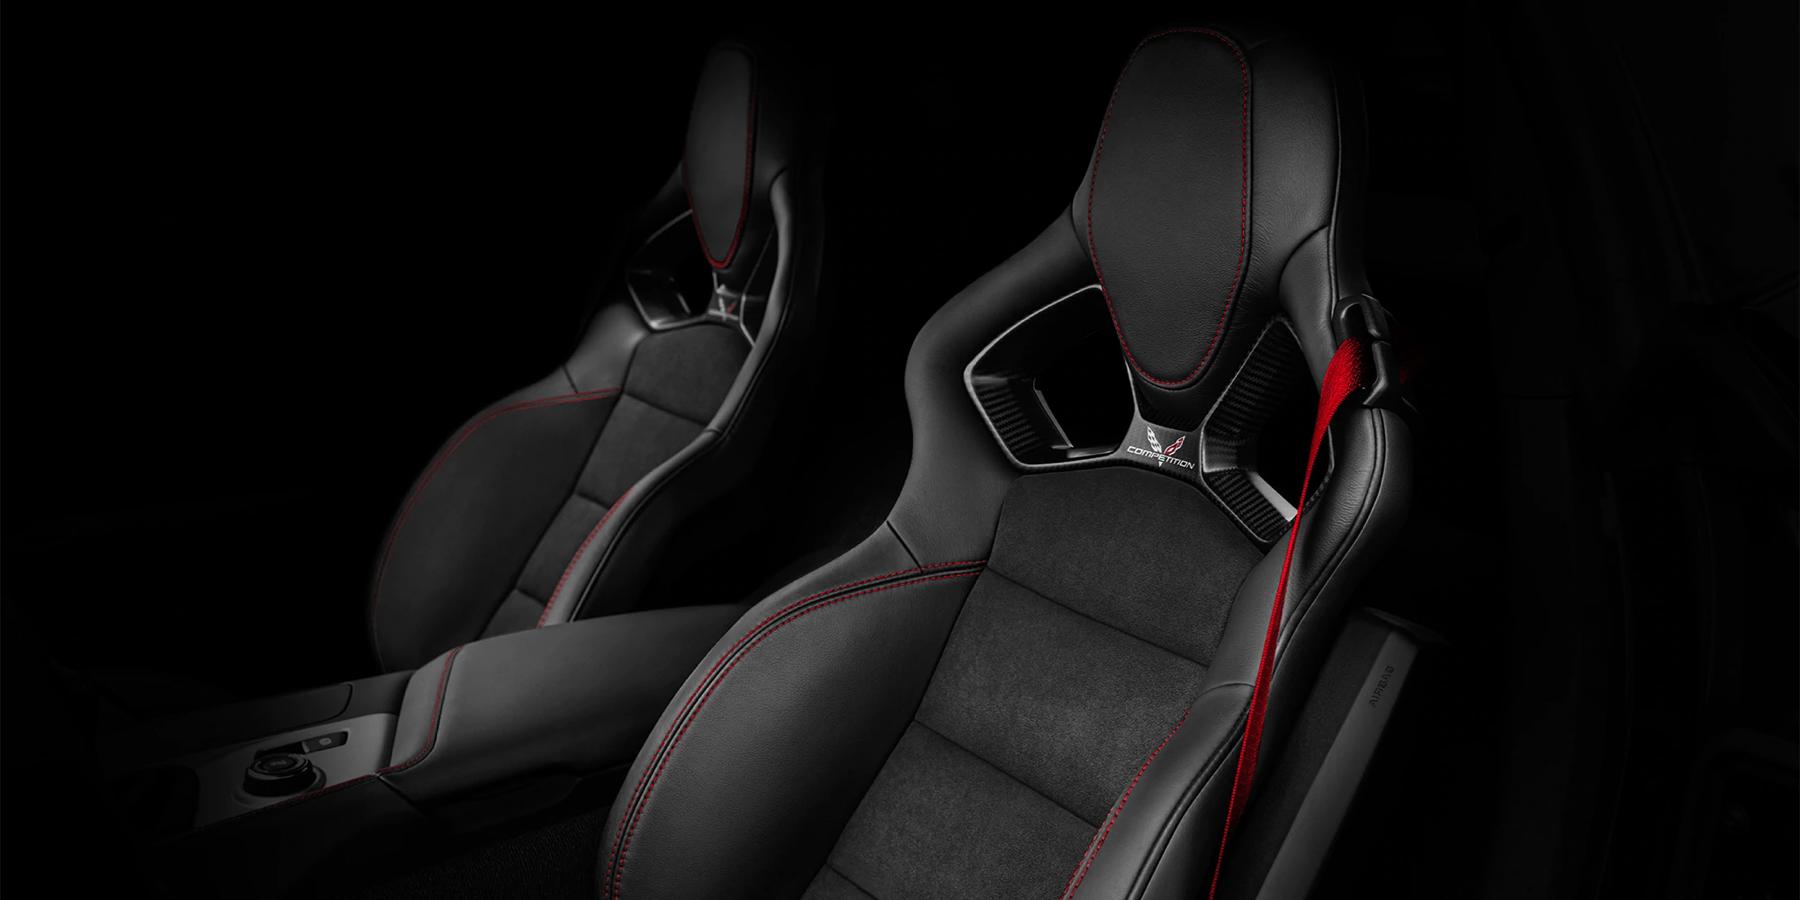 black bucket seats of Corvette Z06